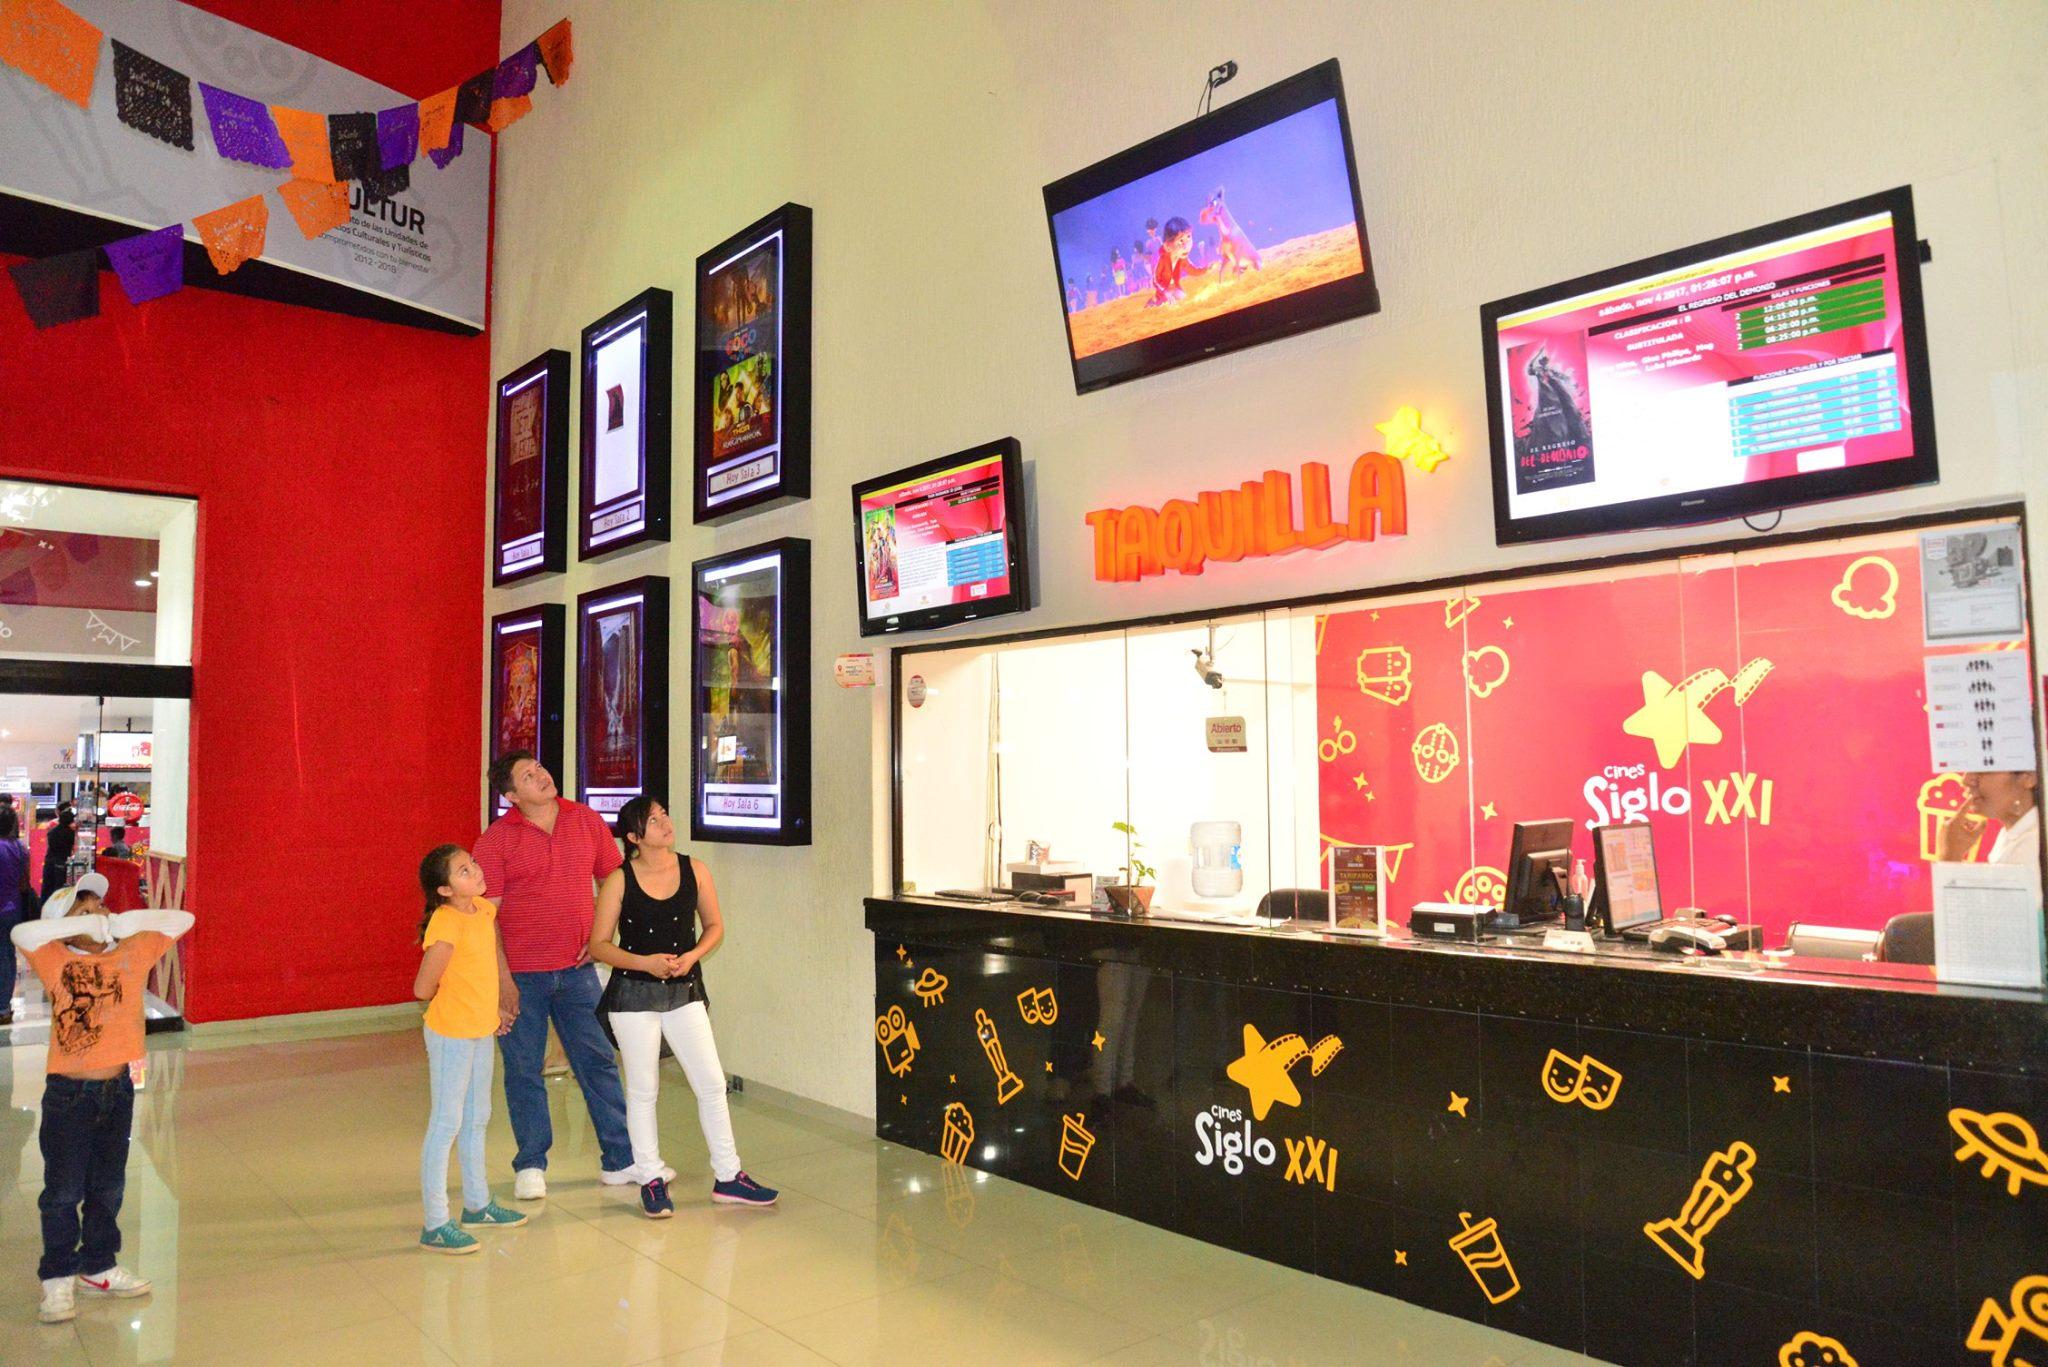 Cines-Siglo-XXI-.jpg